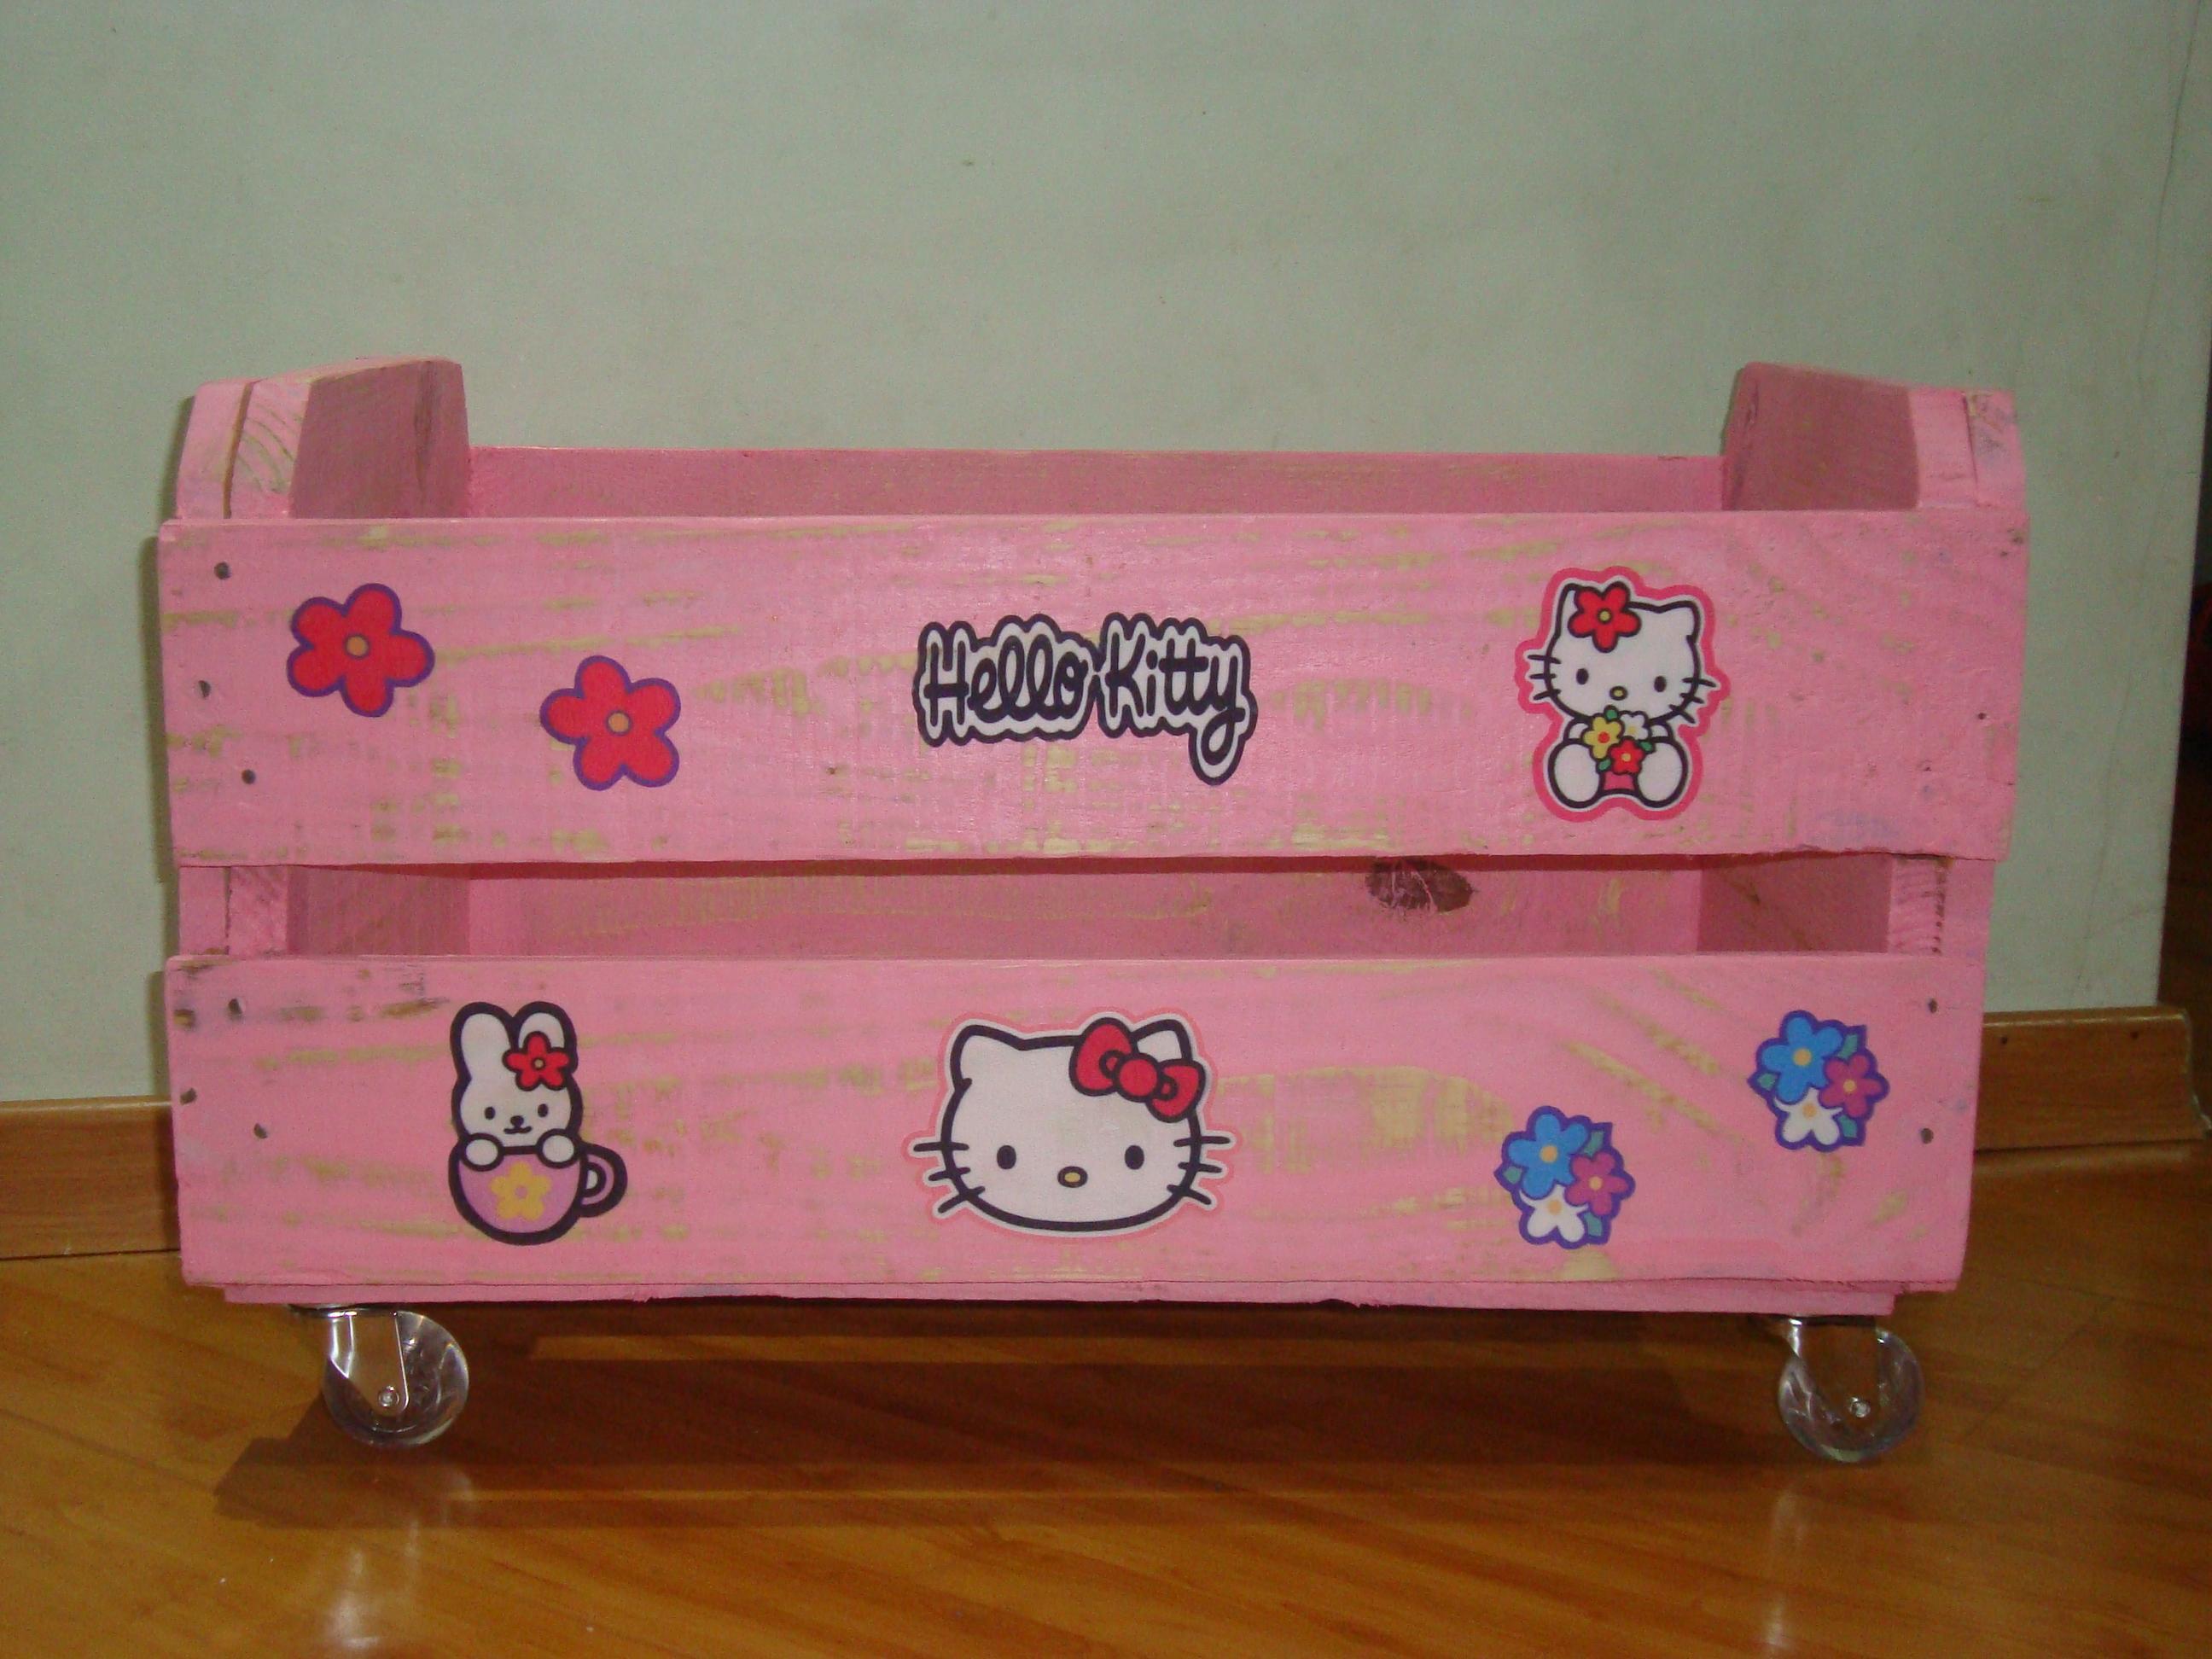 caixote de madeira decoradp com rodizios caixa de feira caixote de #753C16 2592x1944